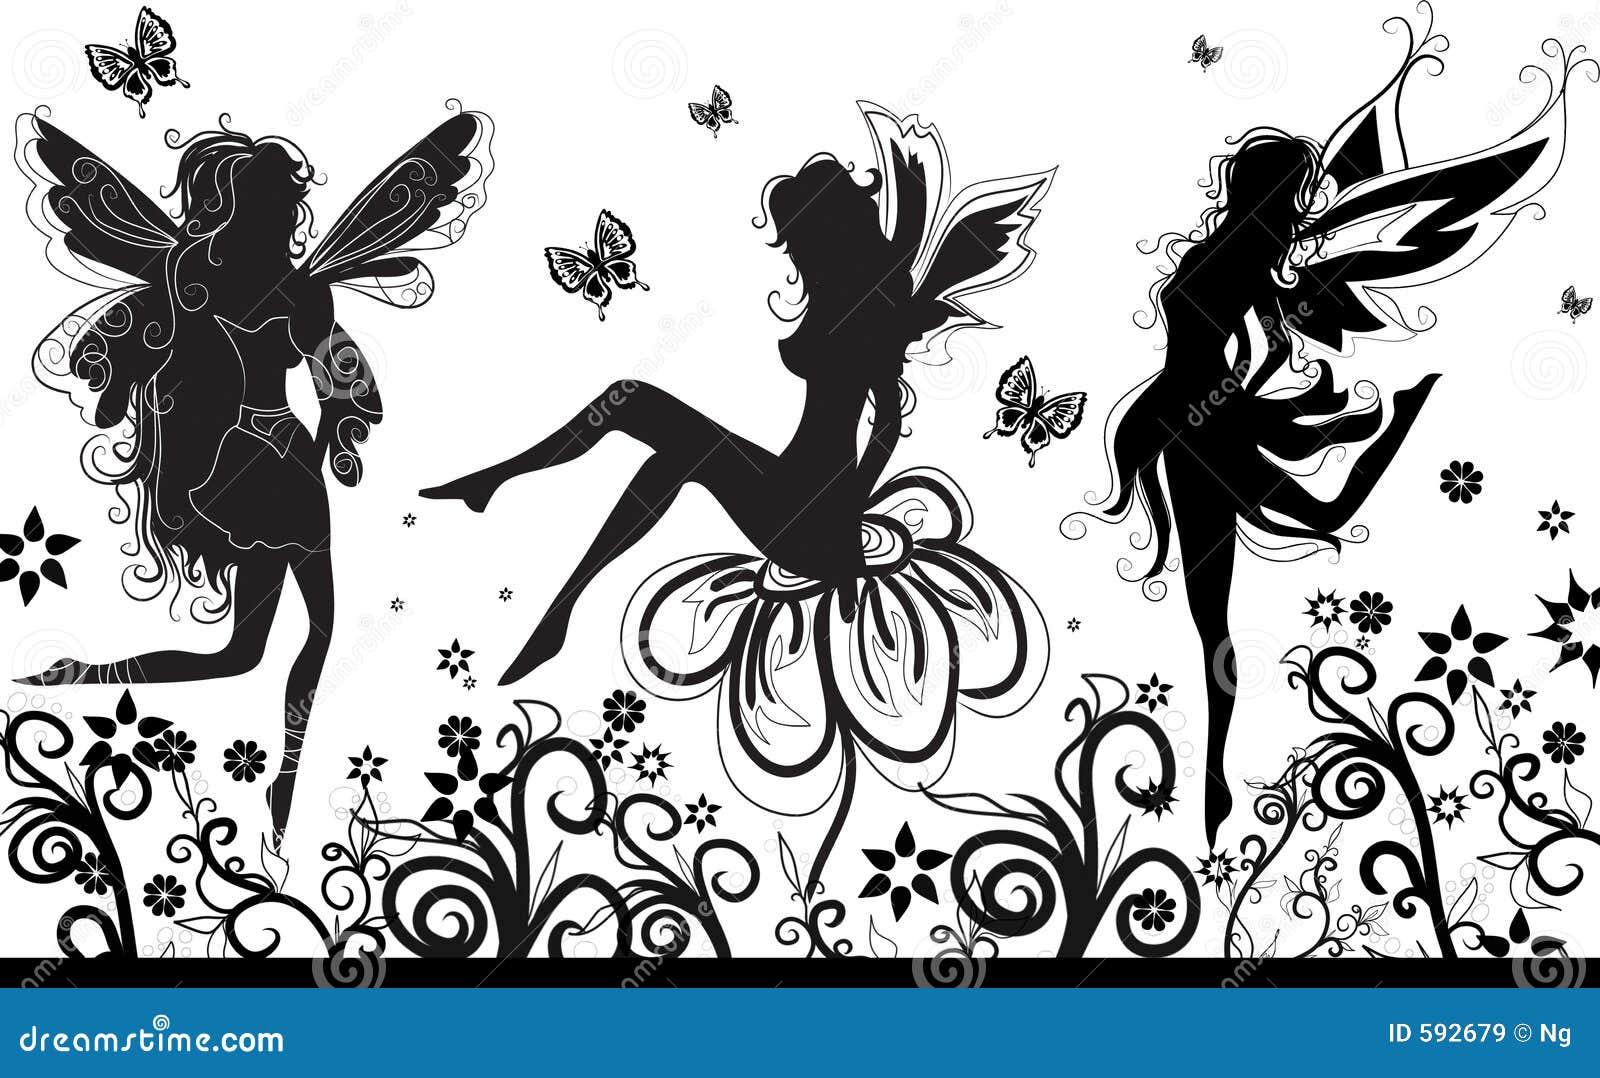 Fairies dance